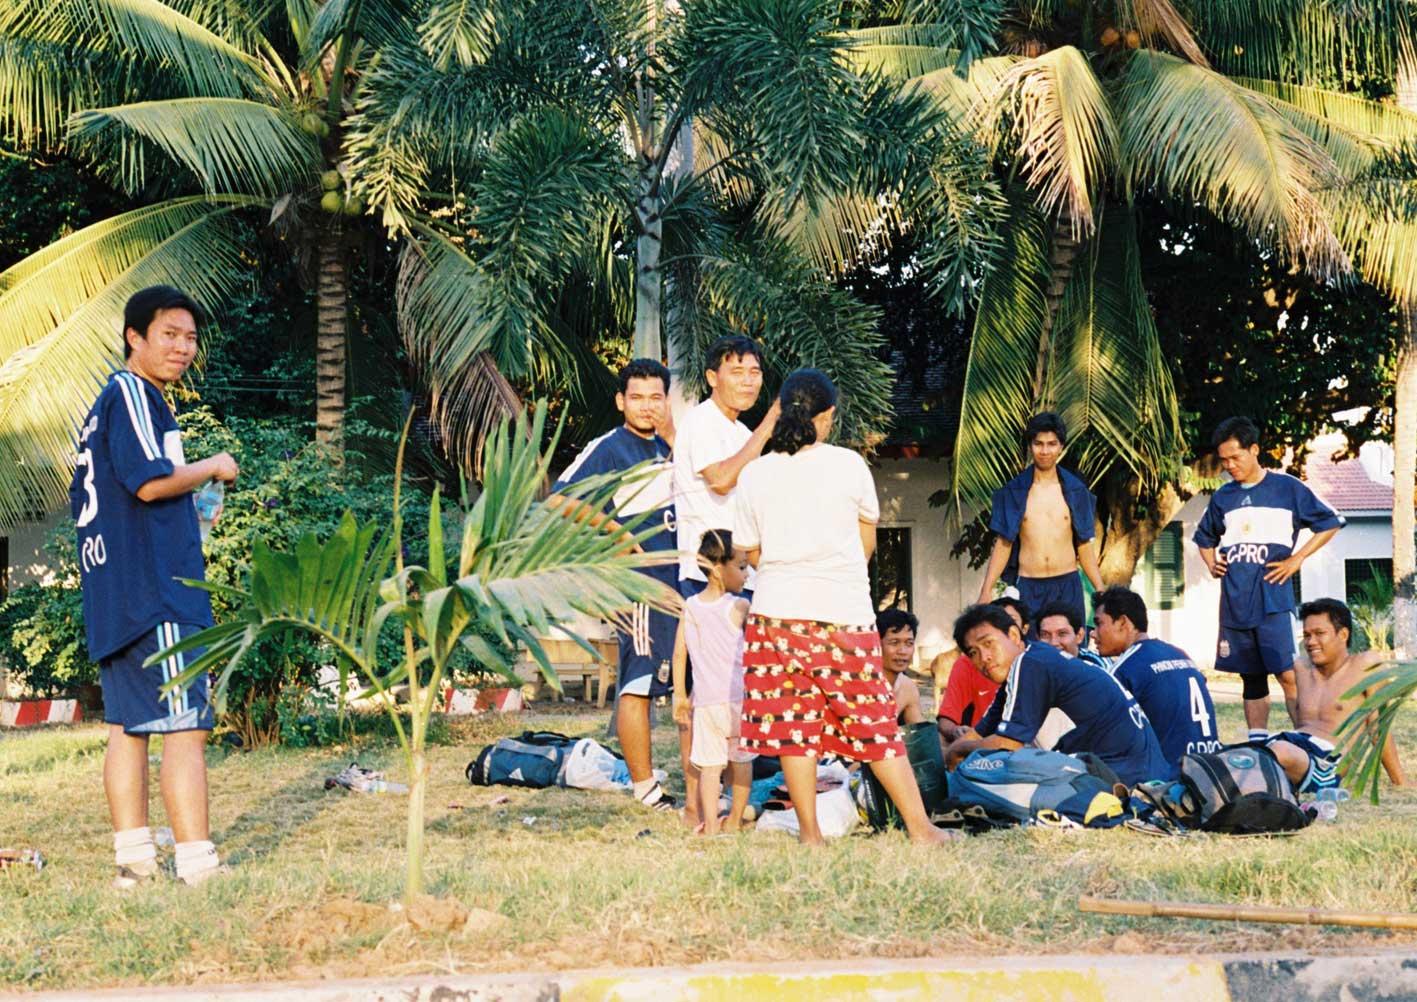 2007_1_PhnomhPenhUtd3.jpg